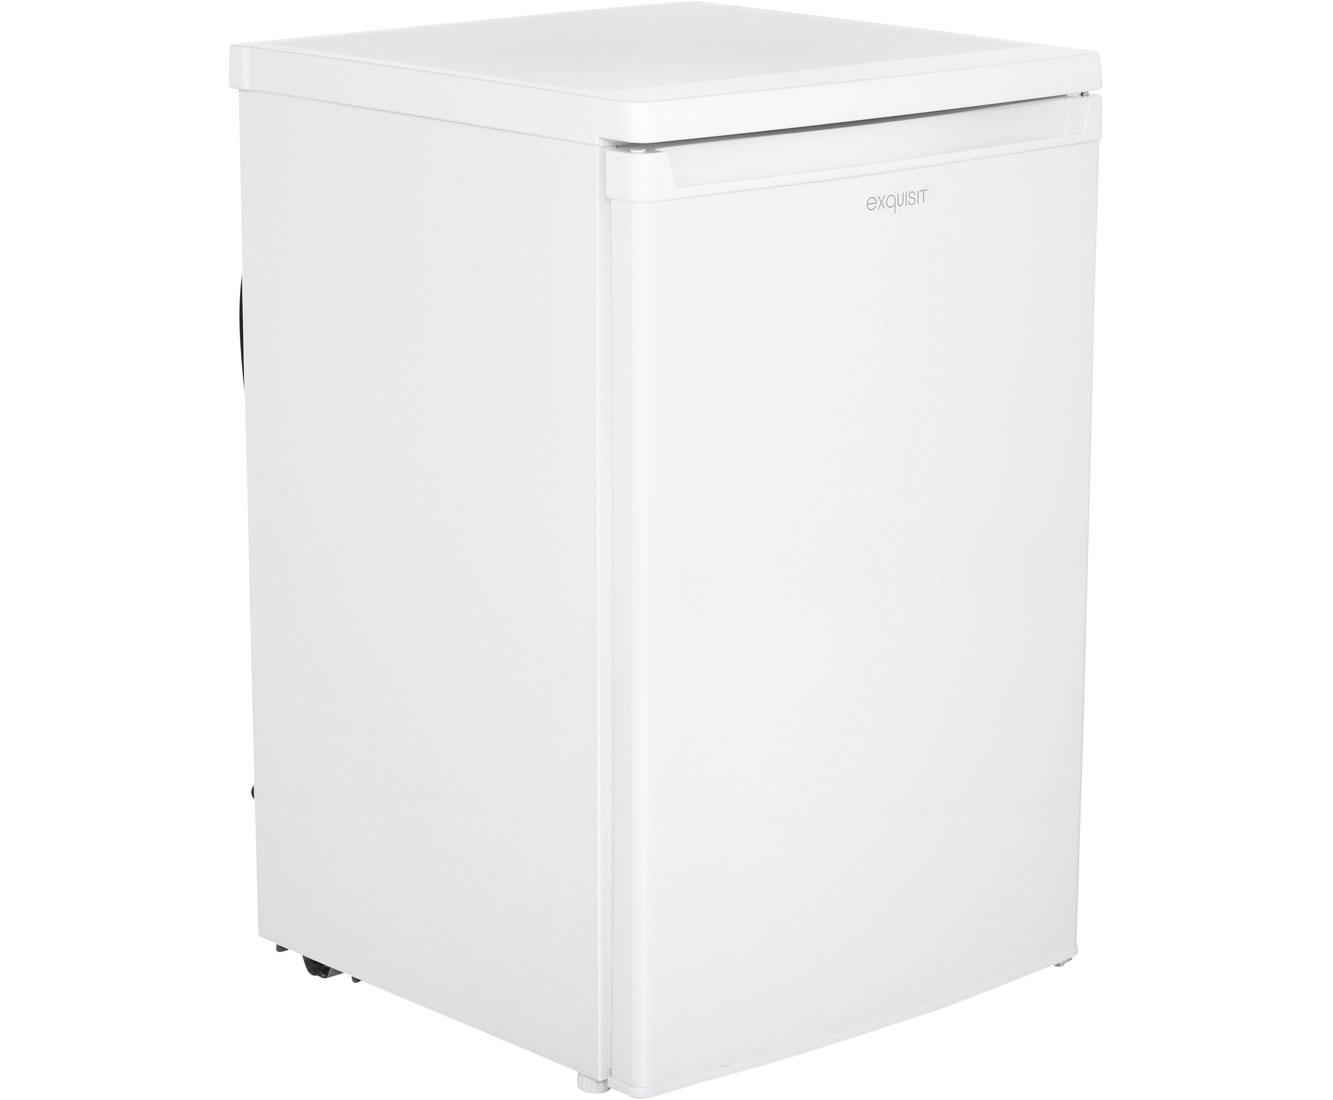 Aeg Kühlschrank Zu Laut : Exquisit ks a kühlschrank mit gefrierfach weiß a